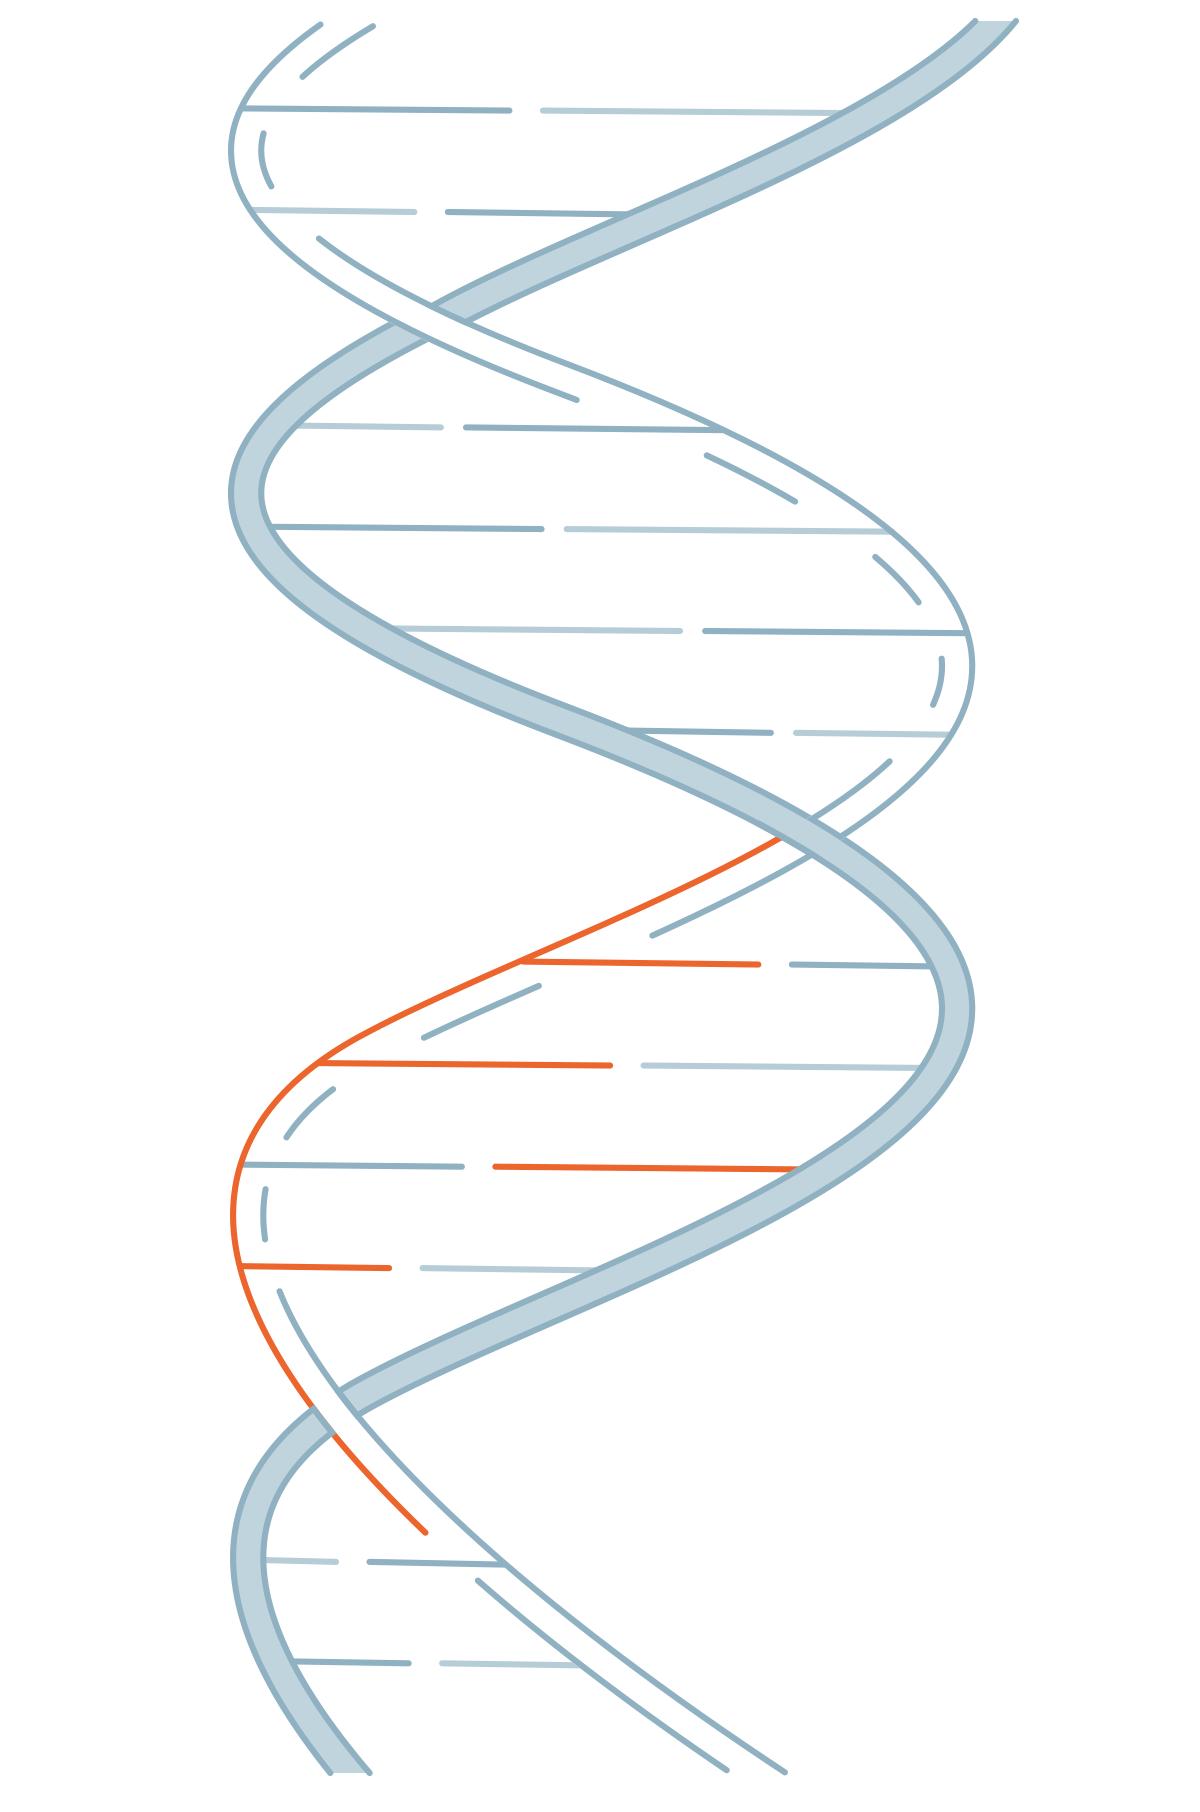 Diagram/alternate image for video of Gene.